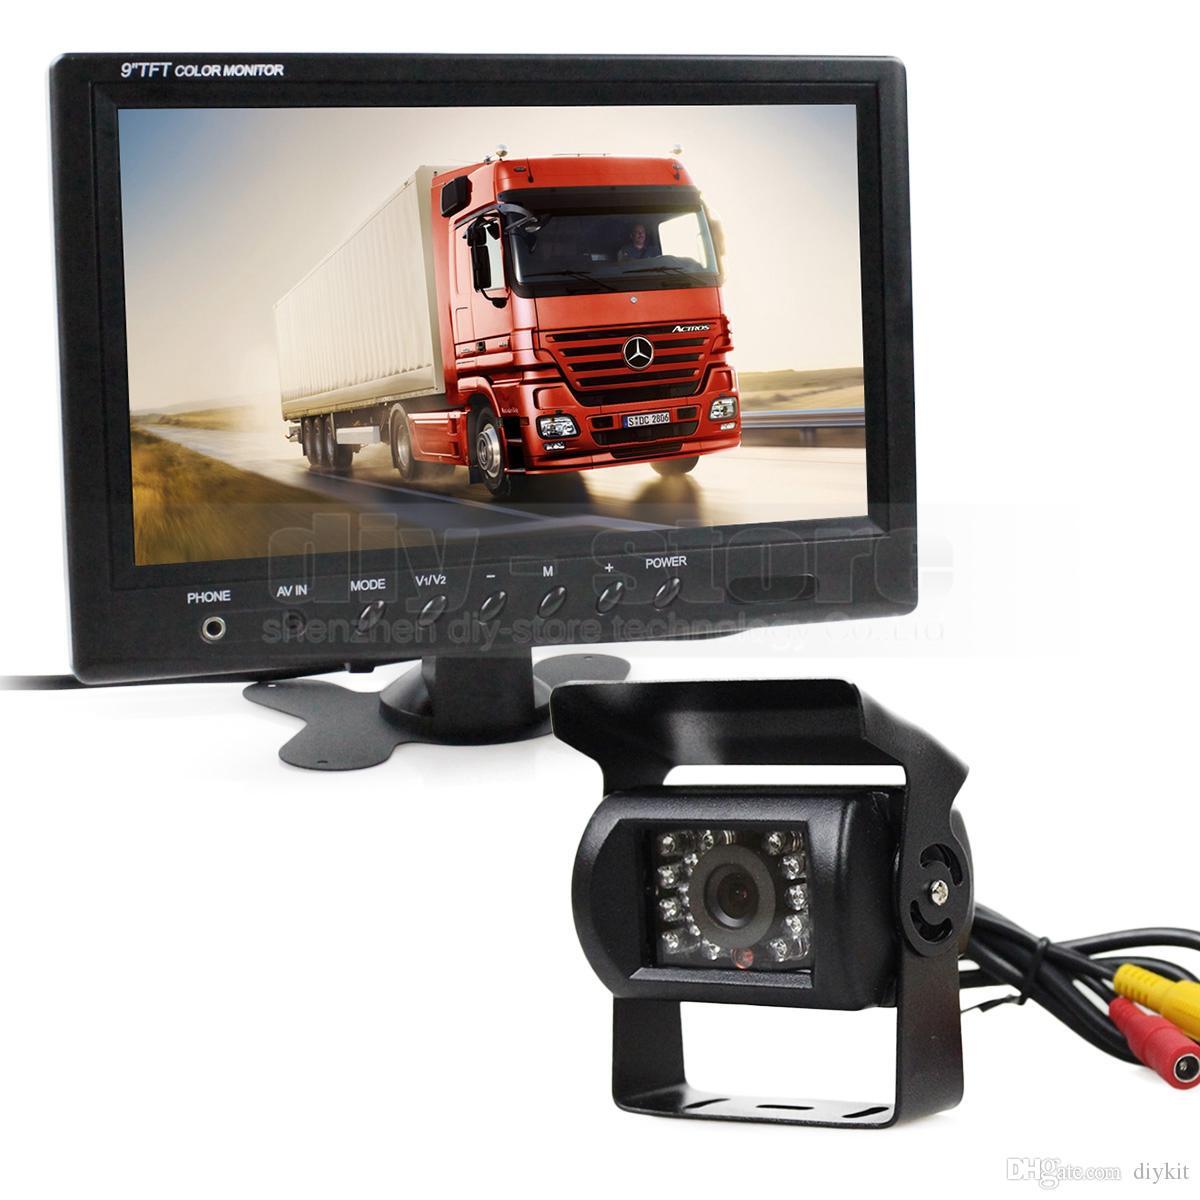 """9 """"자동차 모니터 후면보기 키트 백업 방수 CCD 카메라는 버스 말 트레일러 모터 홈에 대한 12V - 24V 시스템 키트를 유선"""